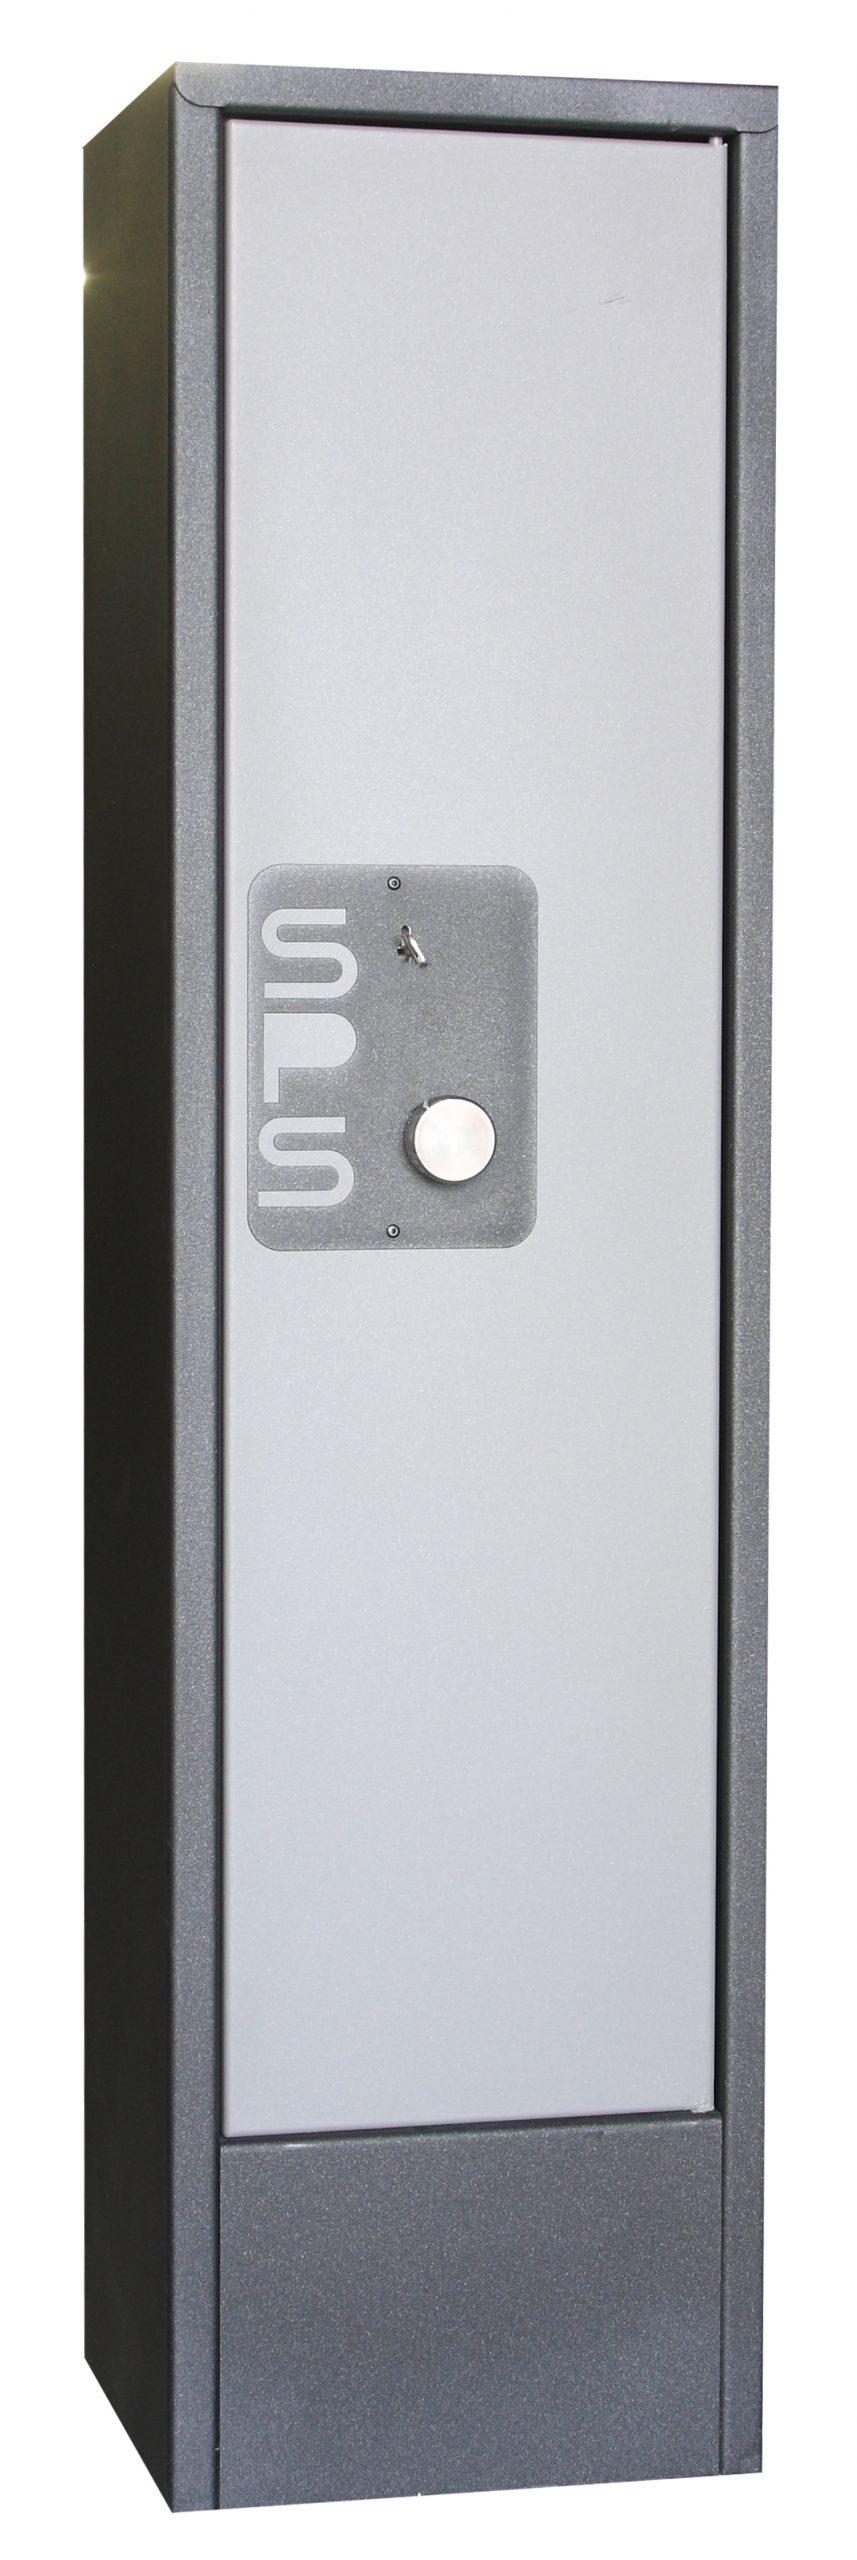 Armero SPS modelo AP604A